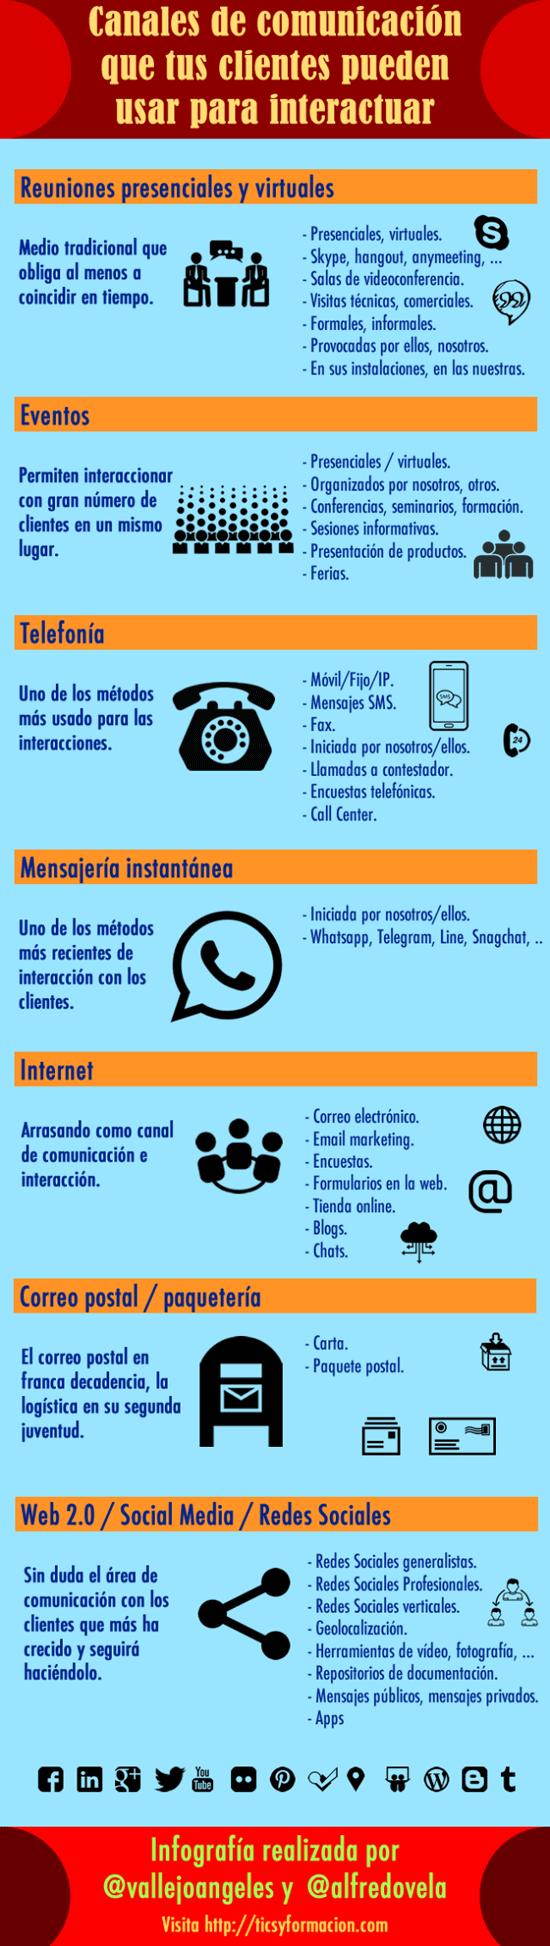 infografia_canales_de_comunicacion_de_tus_clientes_pueden_utilizar